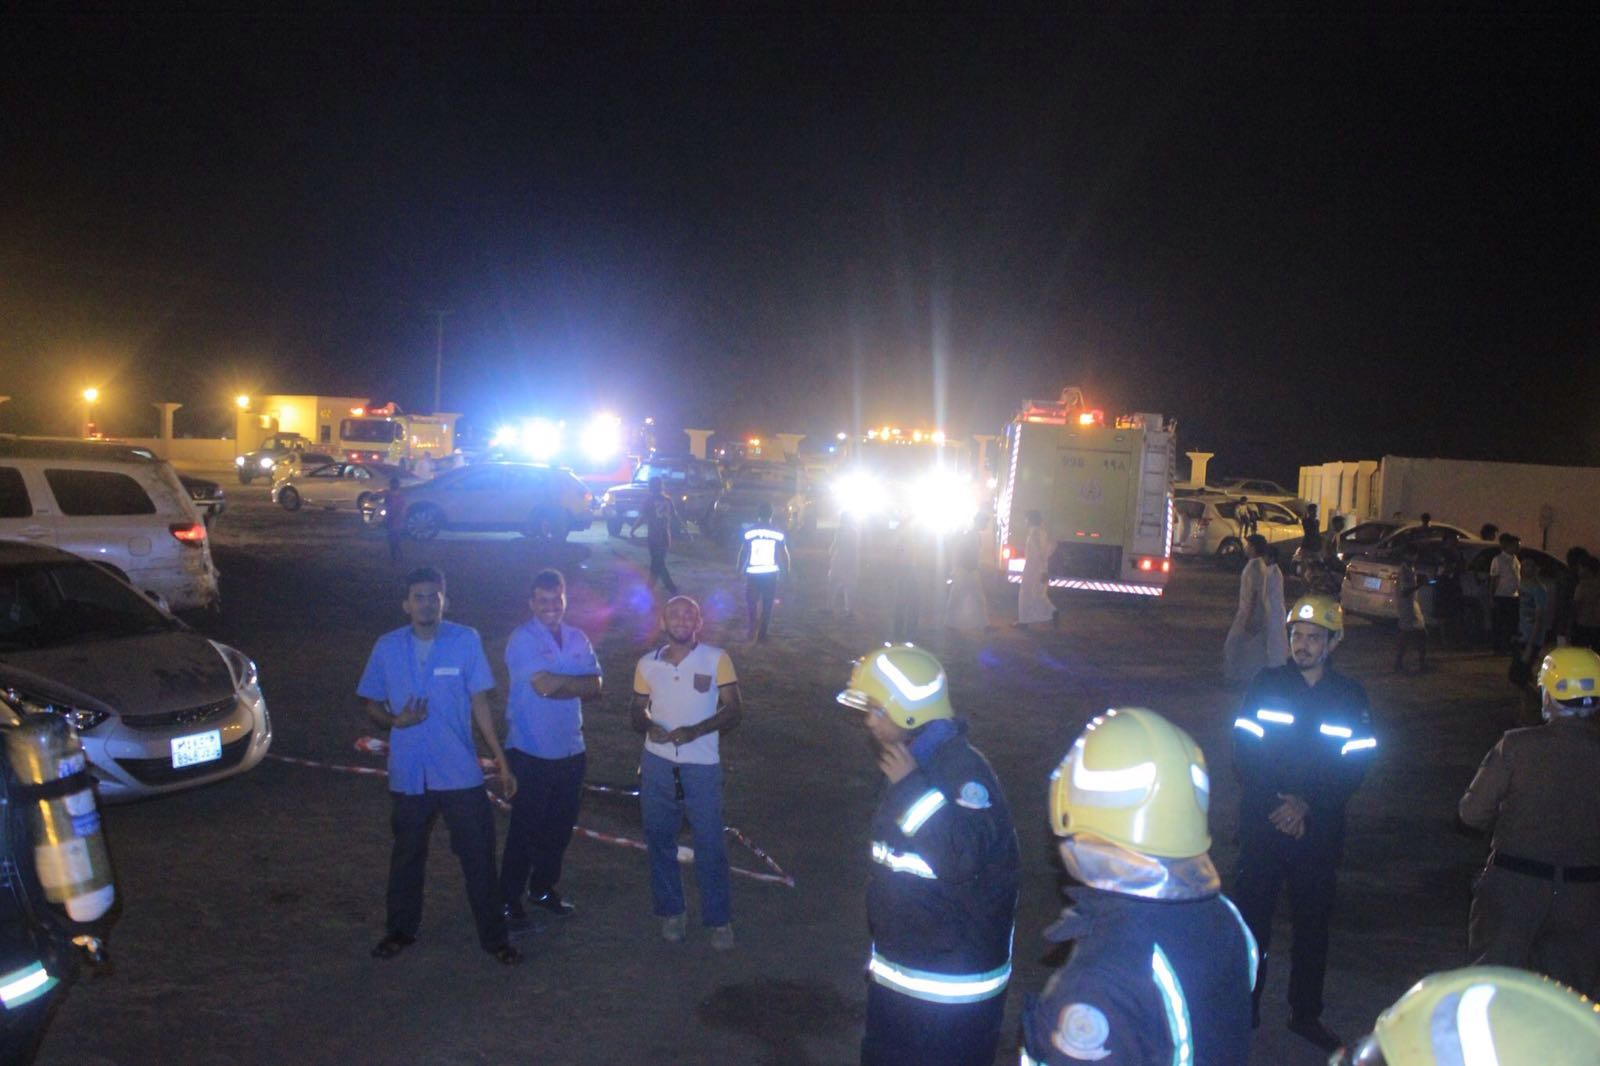 مشاجرة نسائية في صالة أفراح في أبو عريش تنتهي بإصابة سيدة (1)